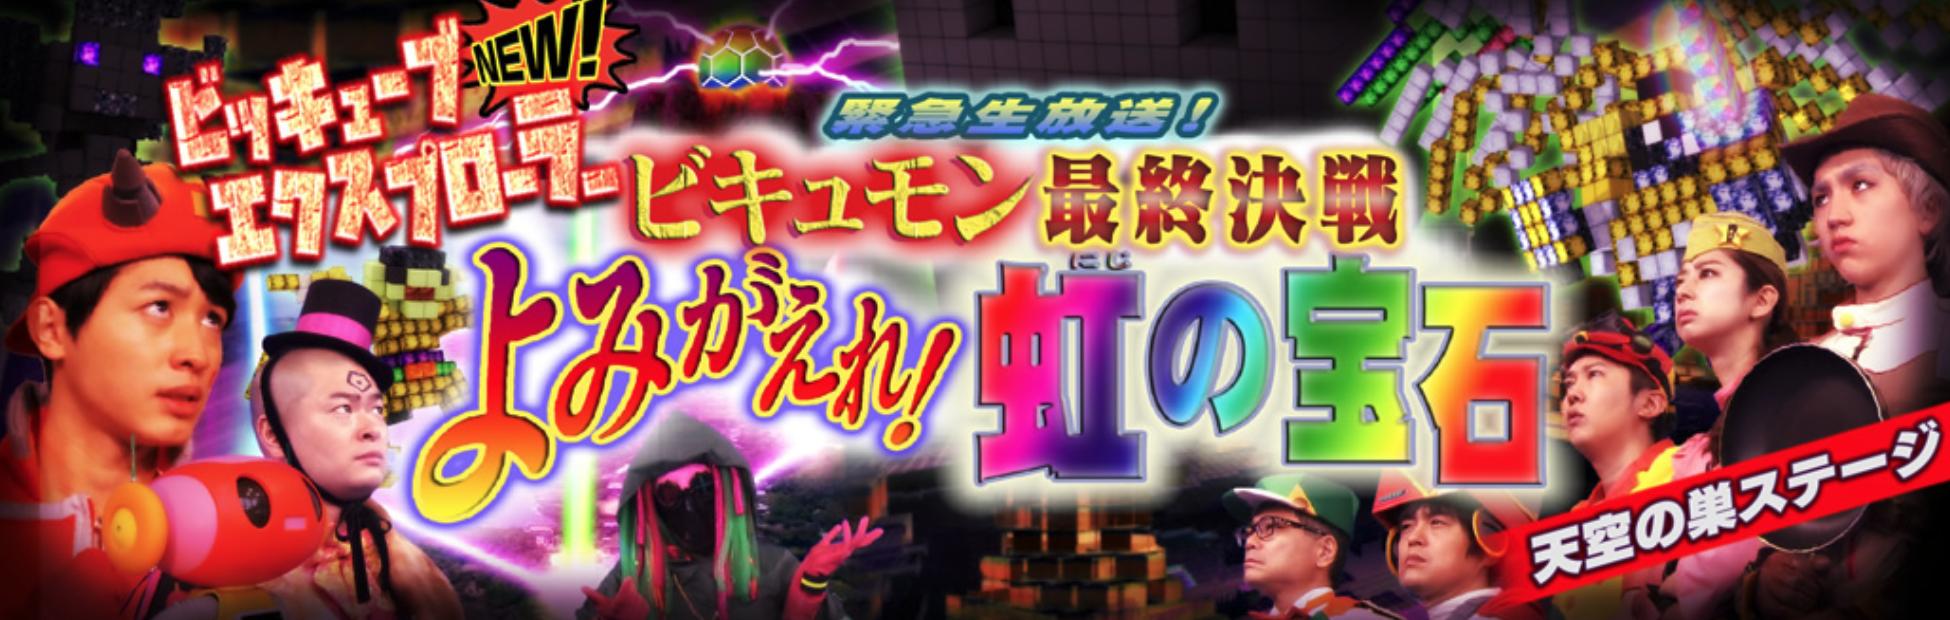 ビットワールド ビキュモン最終決戦 よみがえれ!虹の宝石